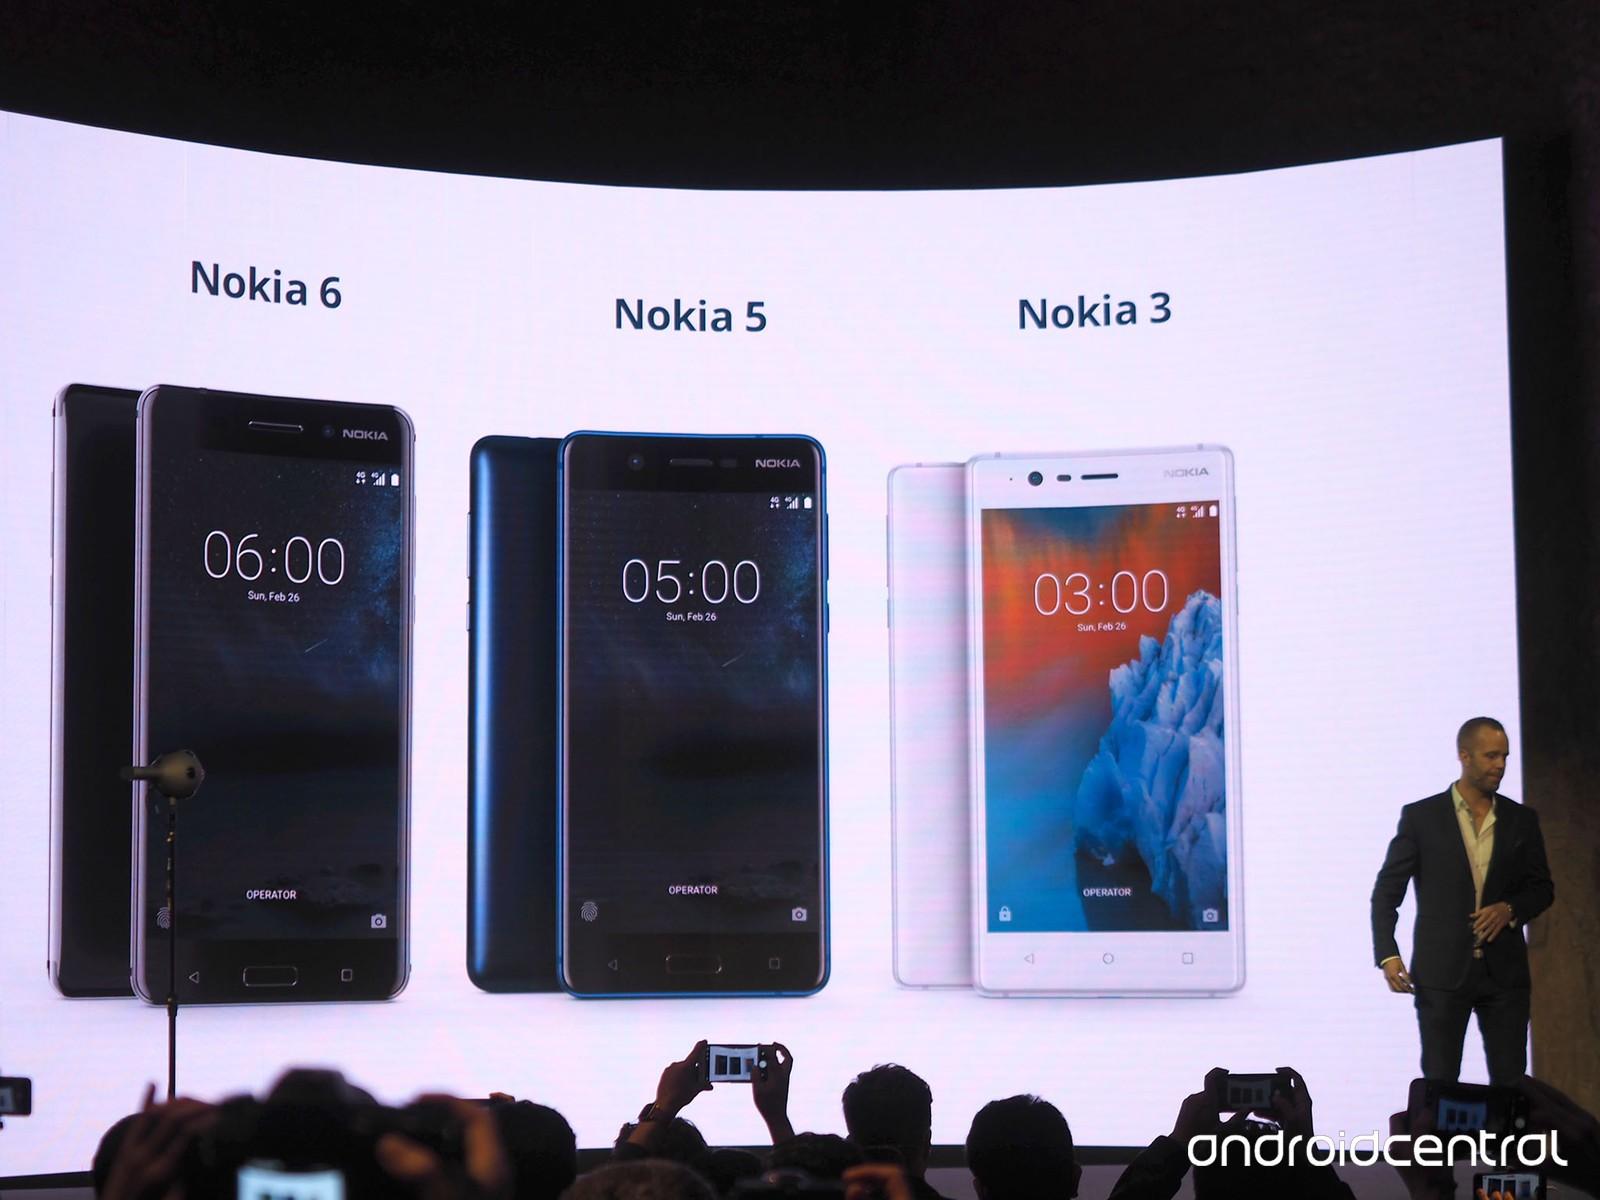 Novos smartphones Nokia 3, Nokia 5 e Nokia 6 apresentados e a volta do Nokia 'tijolão' na MWC 2017